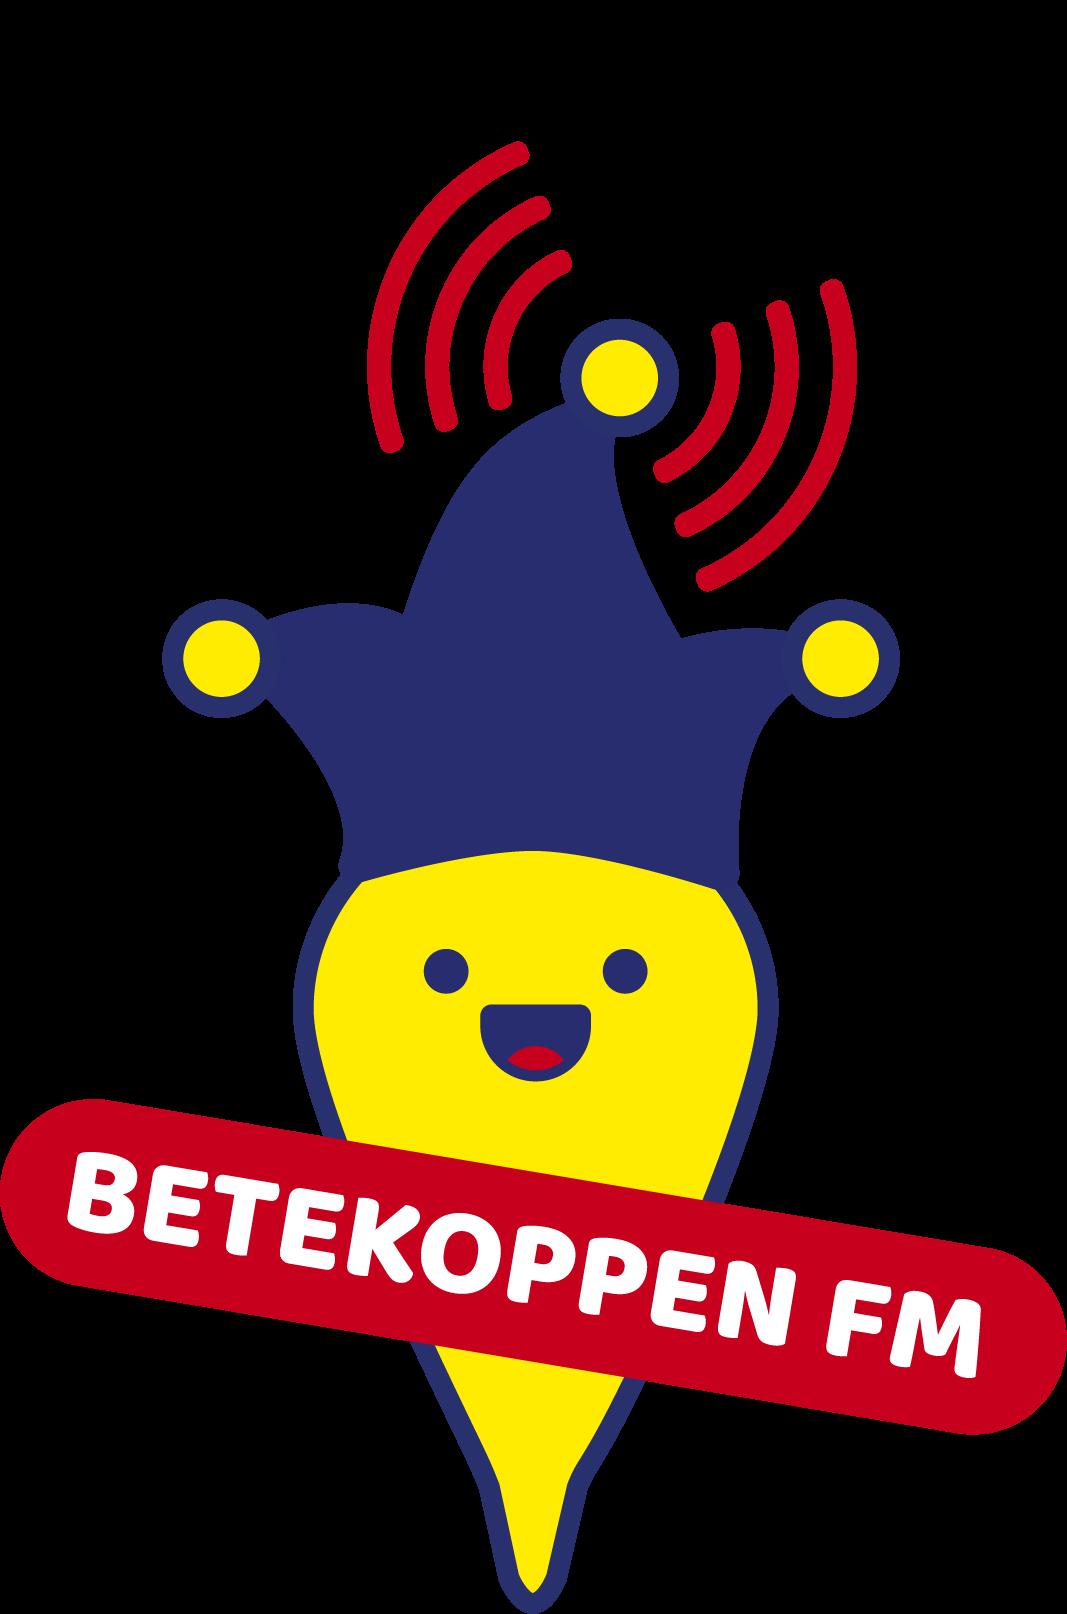 BetekoppenFM